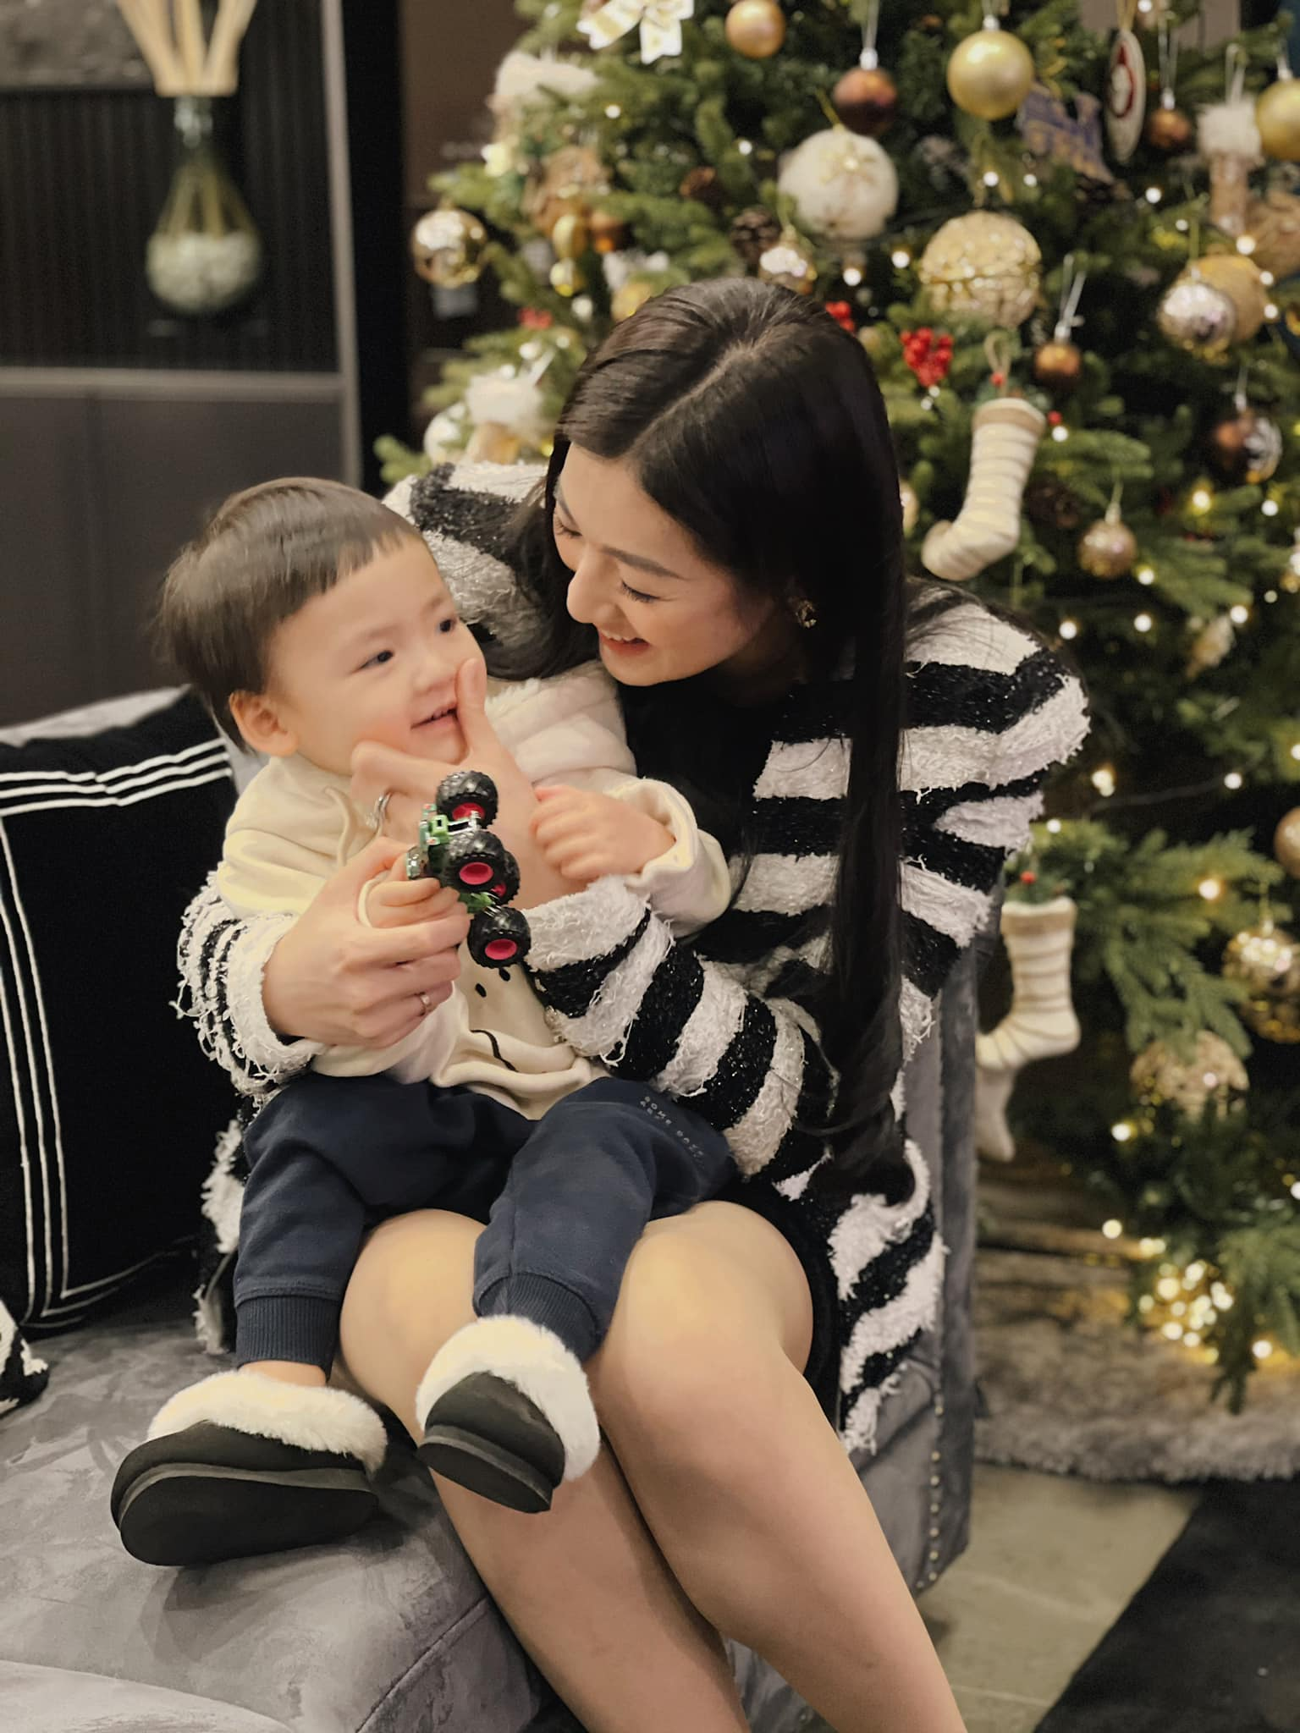 Tiểu Vy, Hà Kiều Anh và dàn hậu diện váy đỏ rực khoe dáng nóng bỏng đêm Giáng Sinh ảnh 17